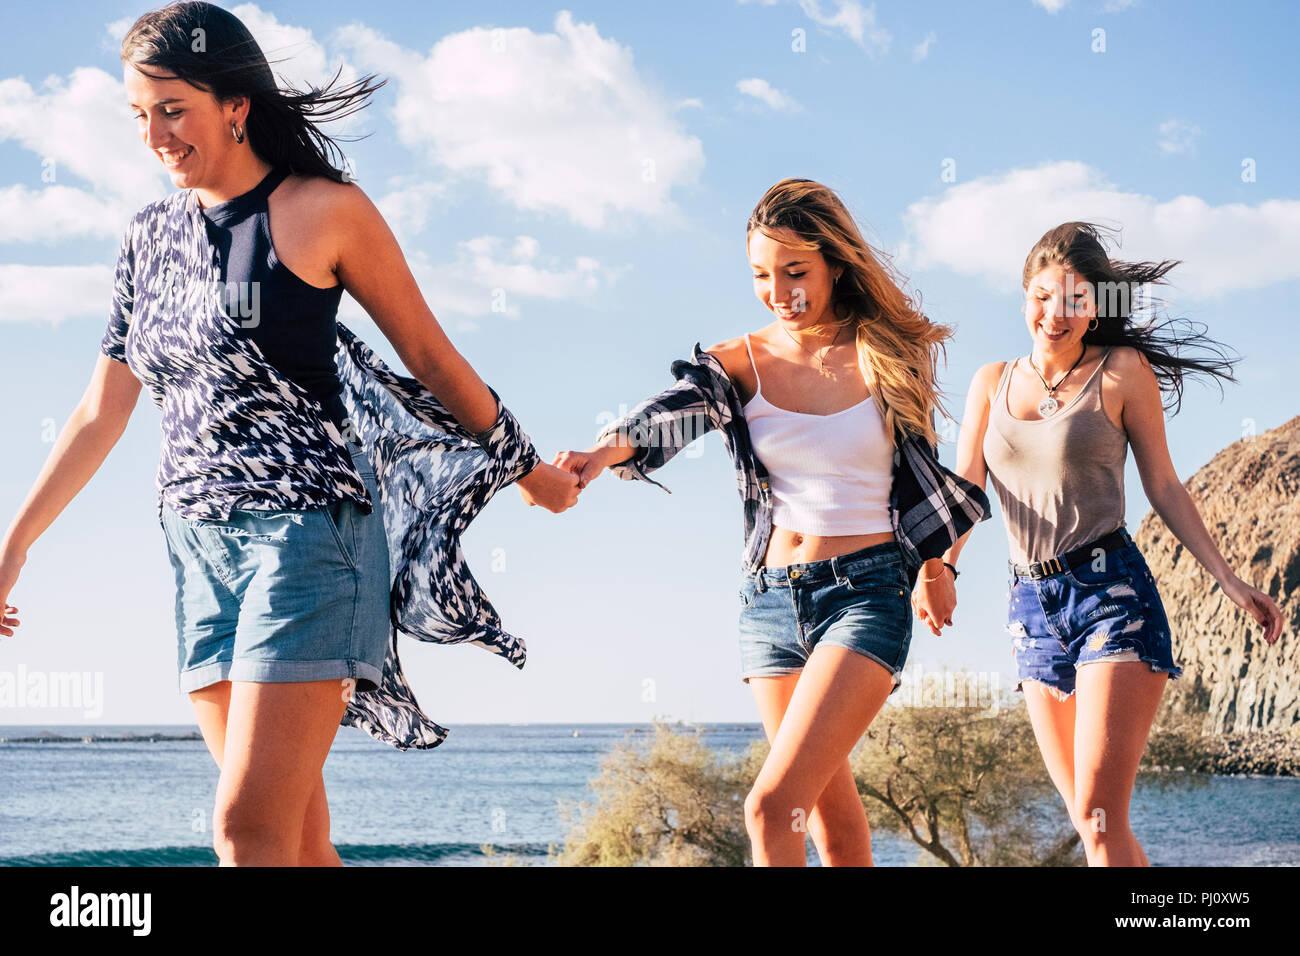 Drei jungen kaukasischen hübsche Mädchen zusammen gehen die Hände einander zu lächeln und zu lachen. Freundliche Konzept der glücklichen Frauen in Outdoor Freizeitaktivitäten ein Stockbild